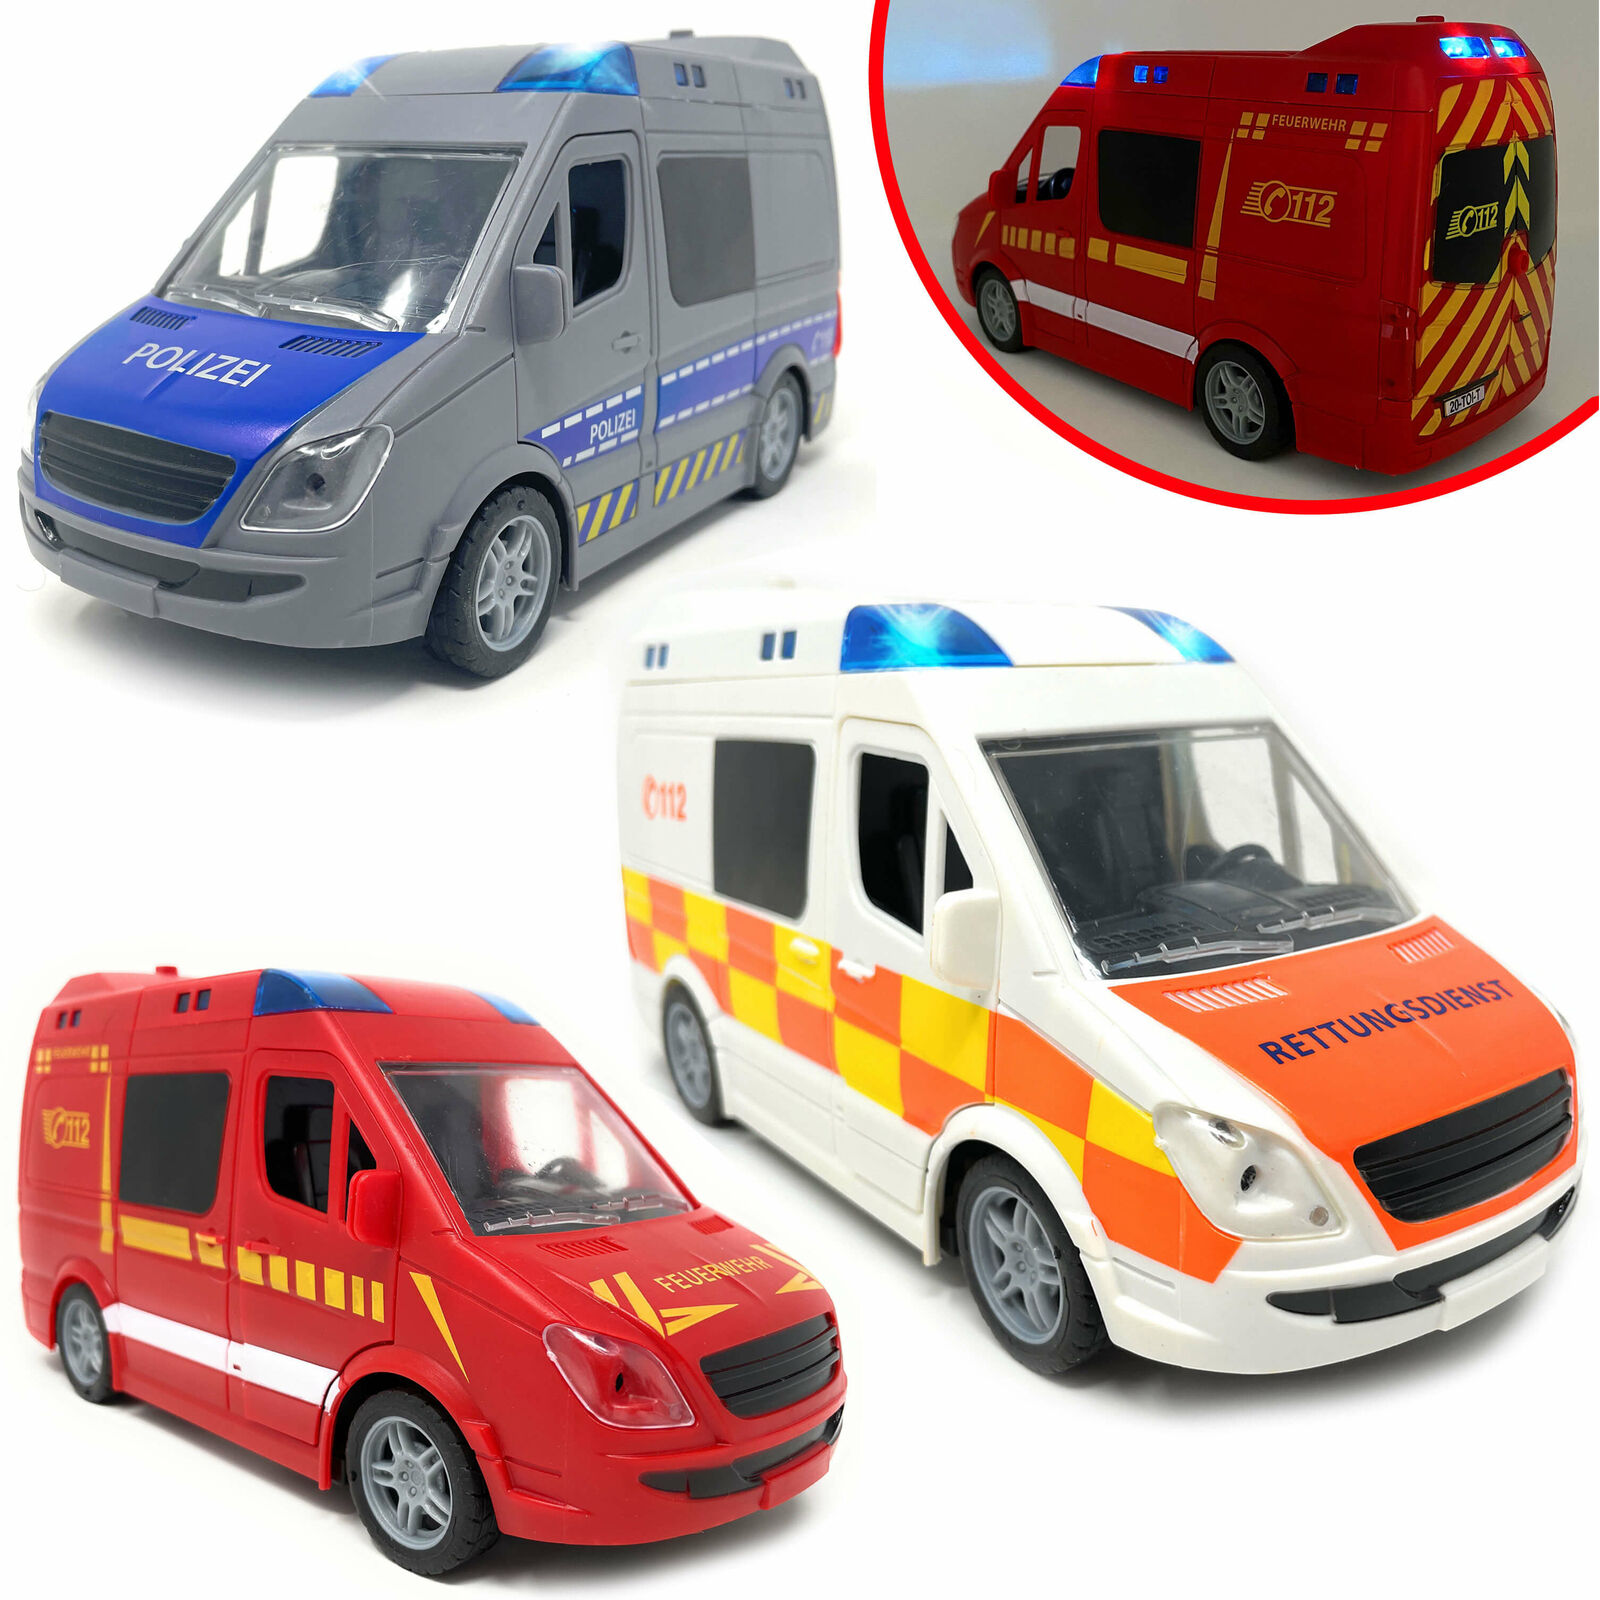 Spielzeug Krankenwagen Polizeiauto Feuerwehr Sound Licht Blaulicht Rettungswagen